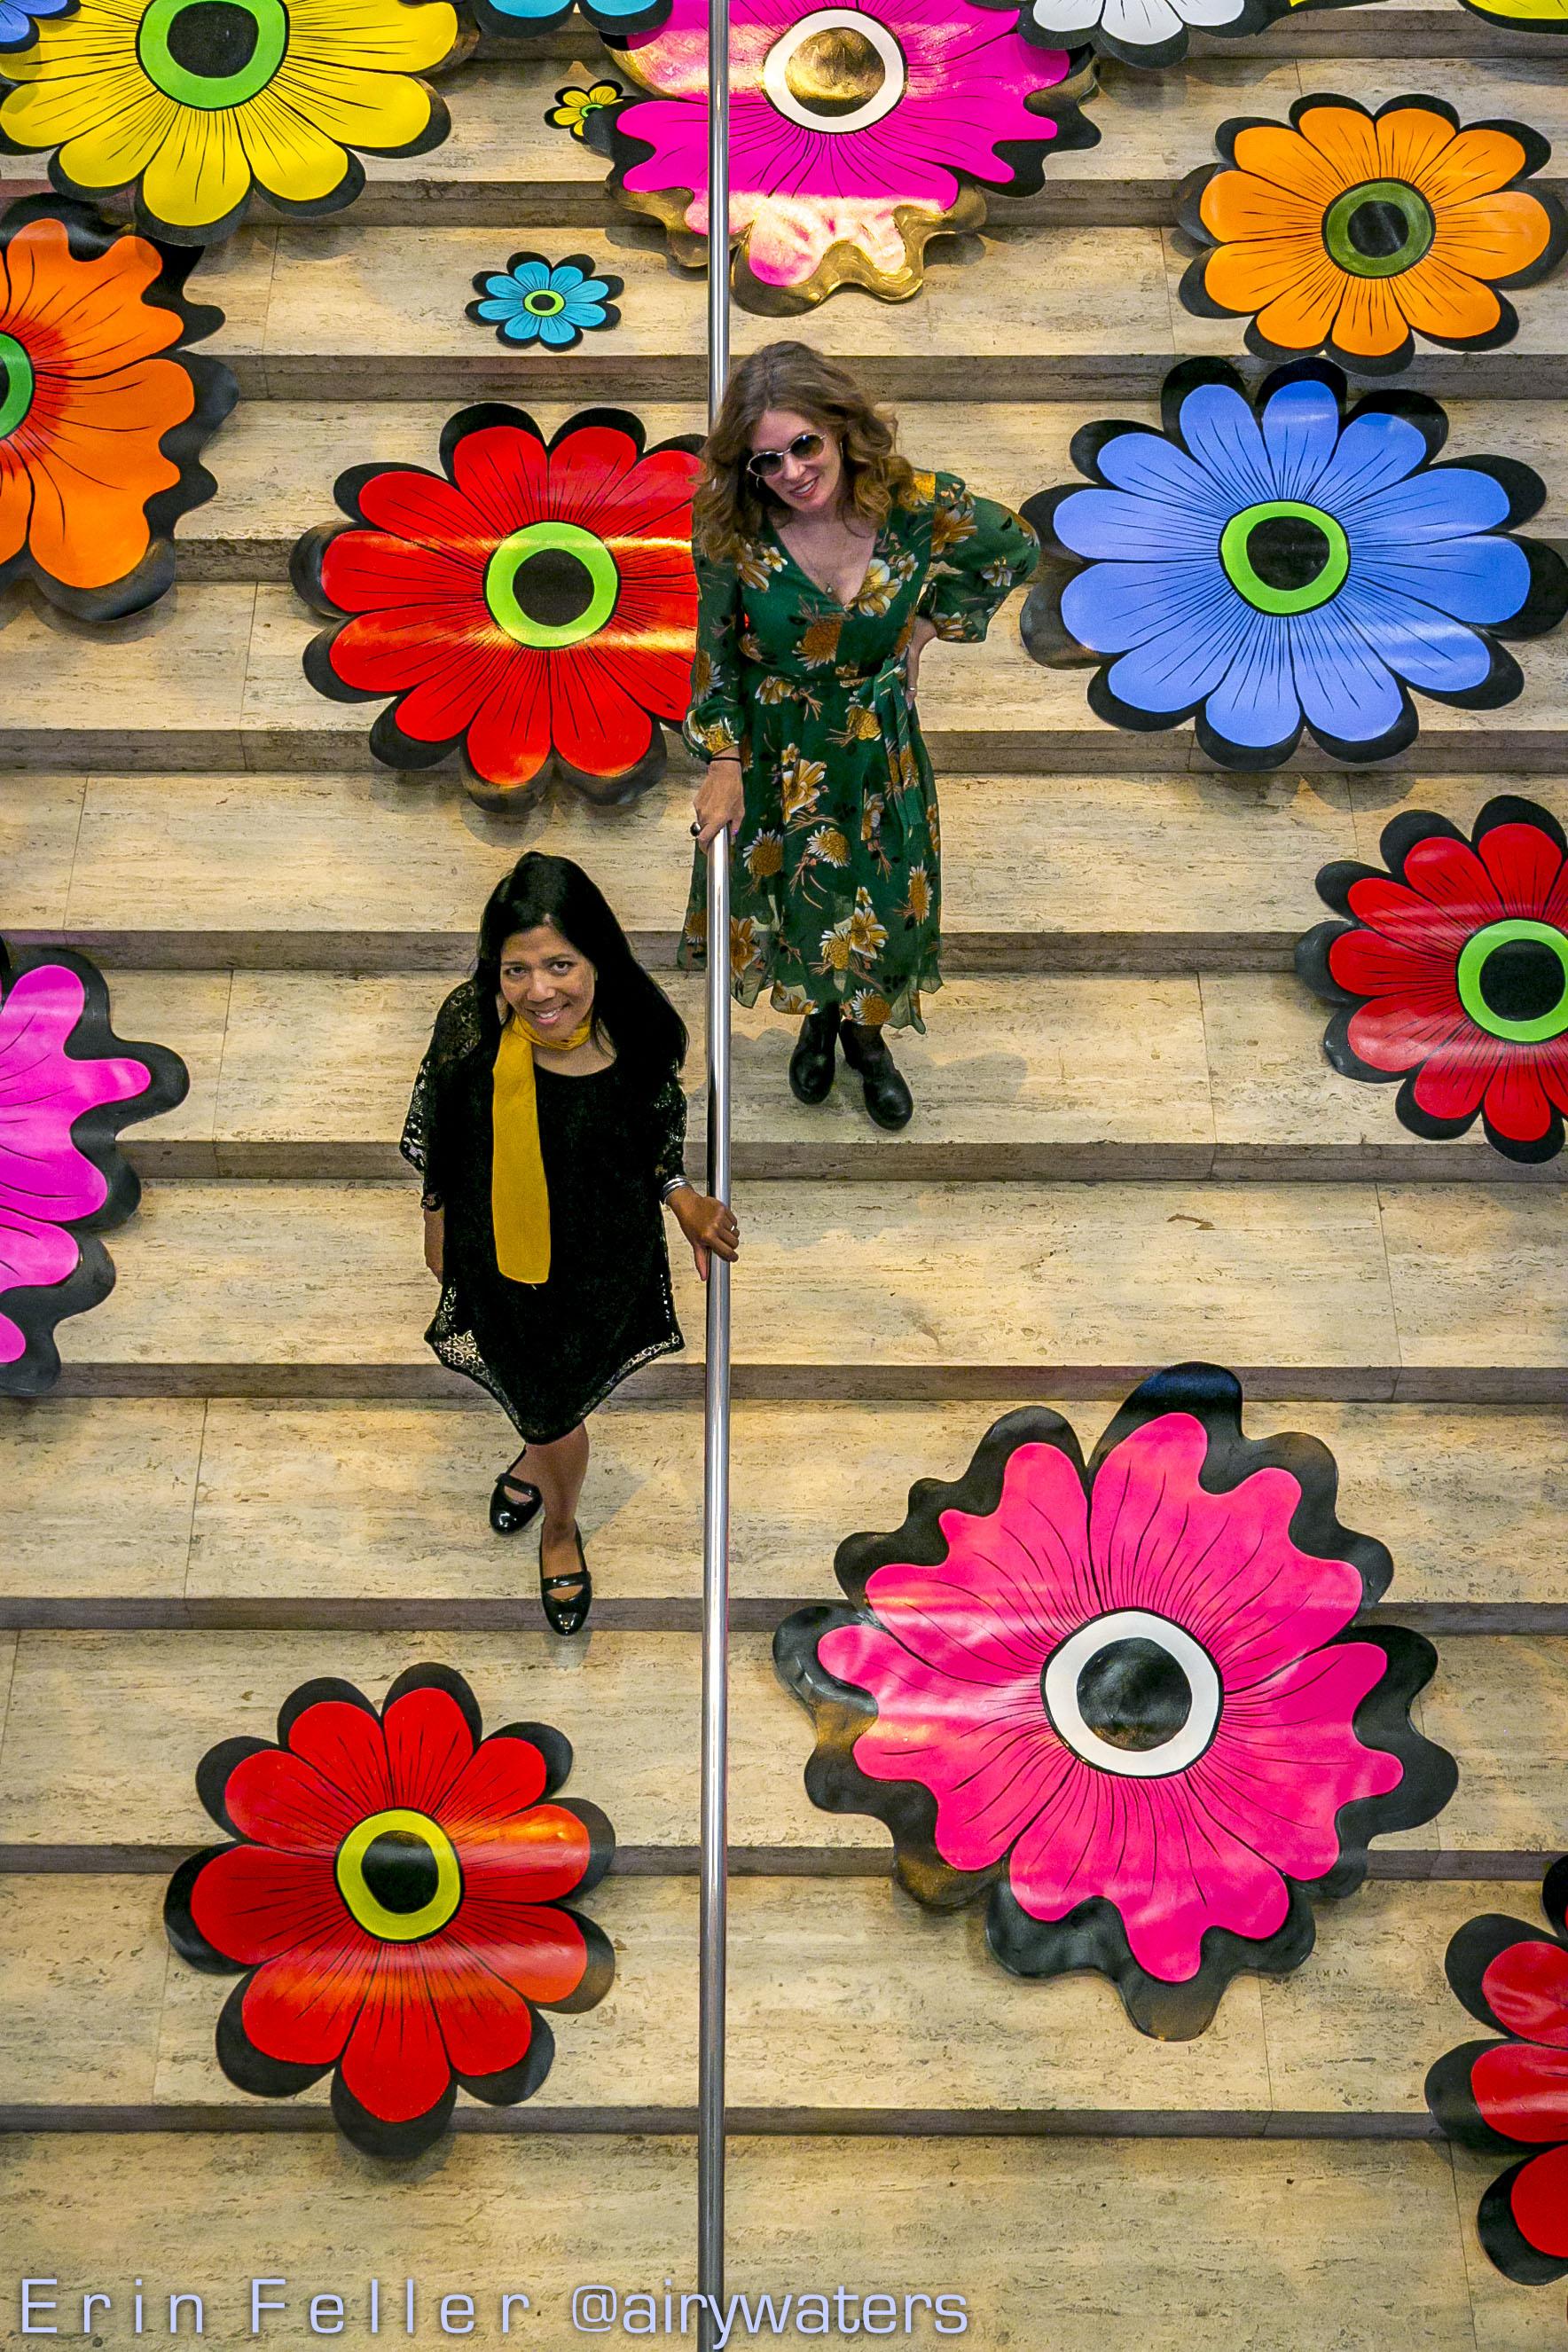 Flower Interruptions at the Asian Art Museum with artist Megan Wilson, 2018.  (http://www.asianart.org/regular/flower-interruption)